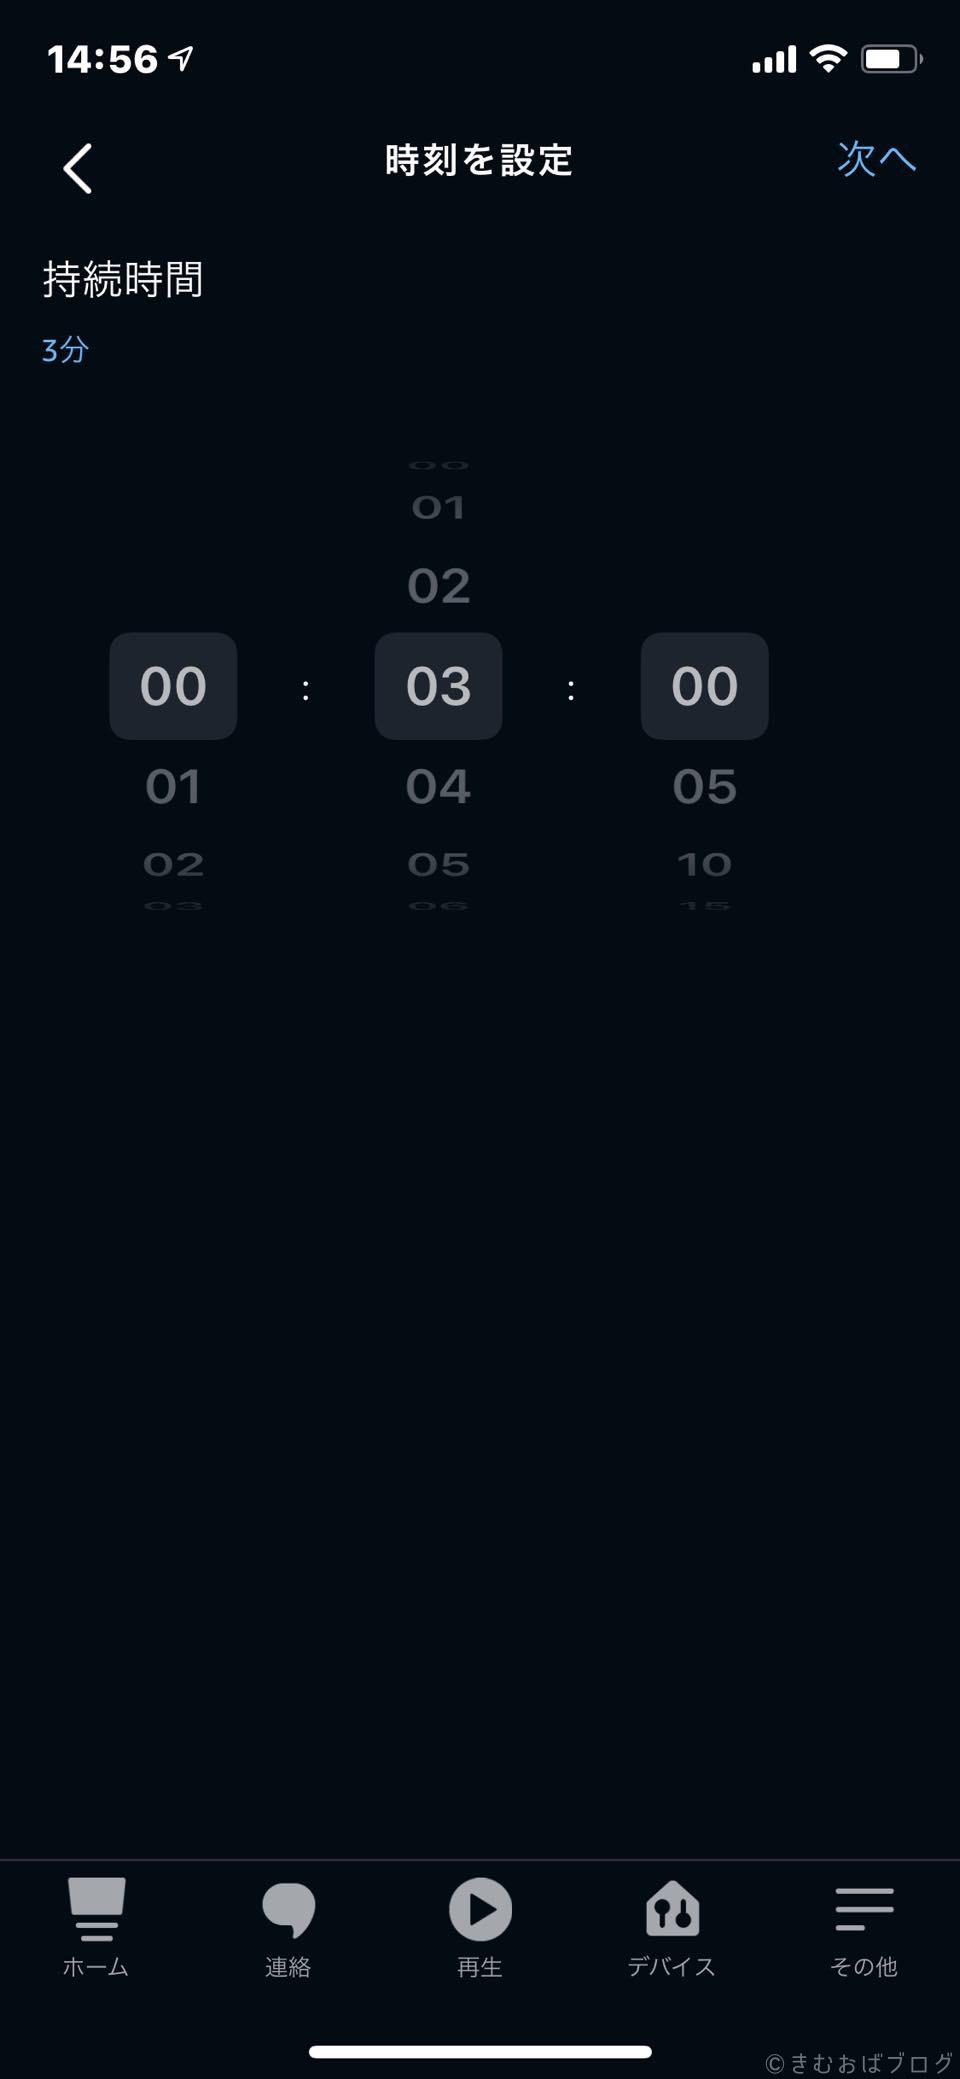 アマゾン アレクサ アプリ 提携アクション タイマー設定